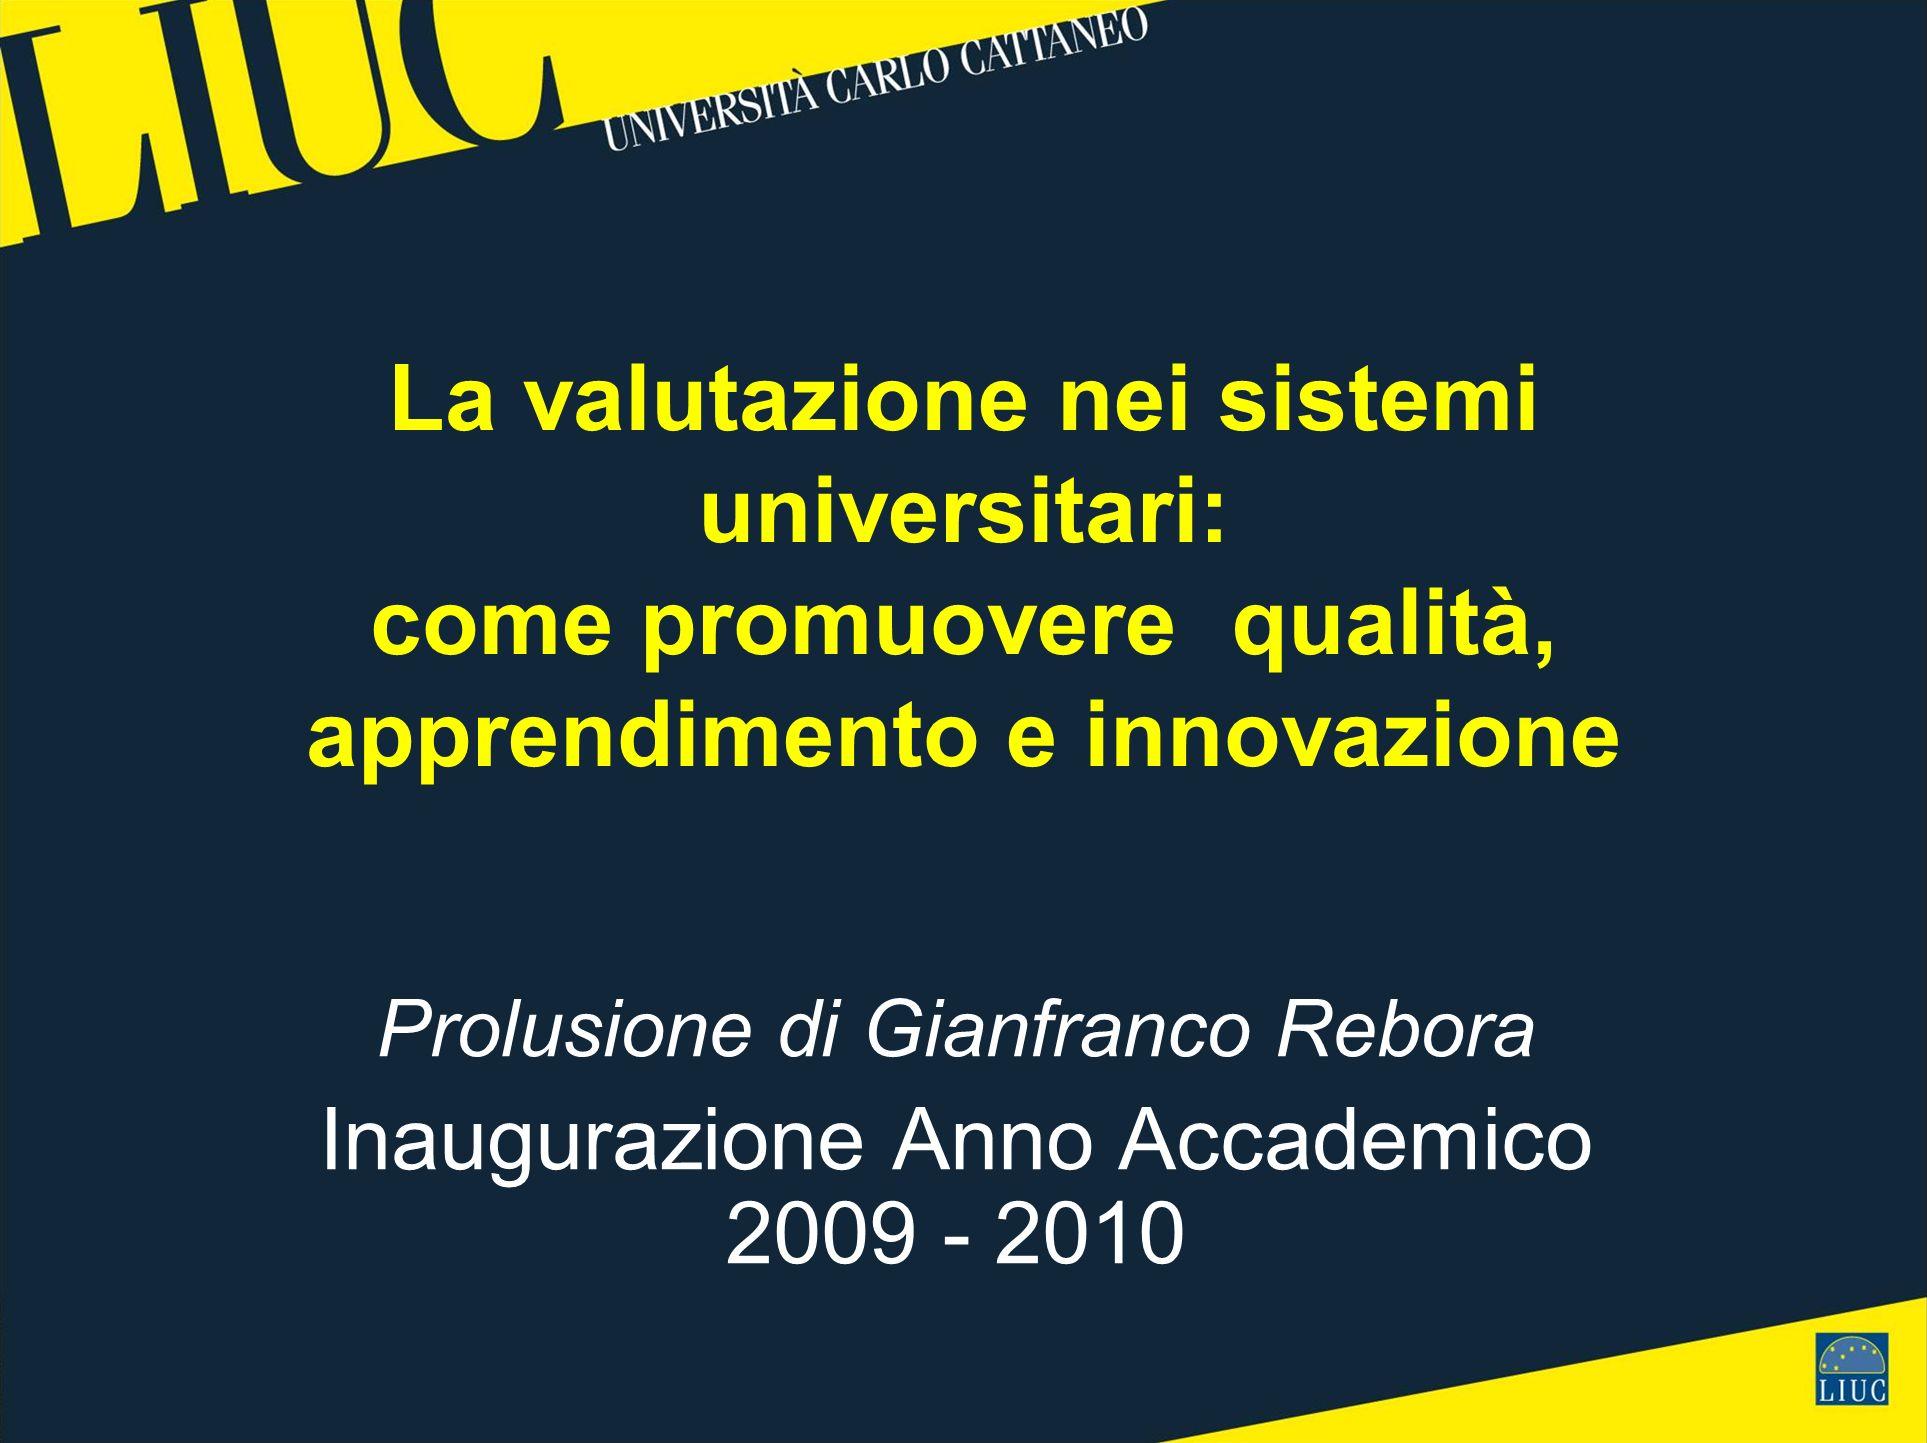 La valutazione nei sistemi universitari: come promuovere qualità, apprendimento e innovazione Prolusione di Gianfranco Rebora Inaugurazione Anno Accademico 2009 - 2010